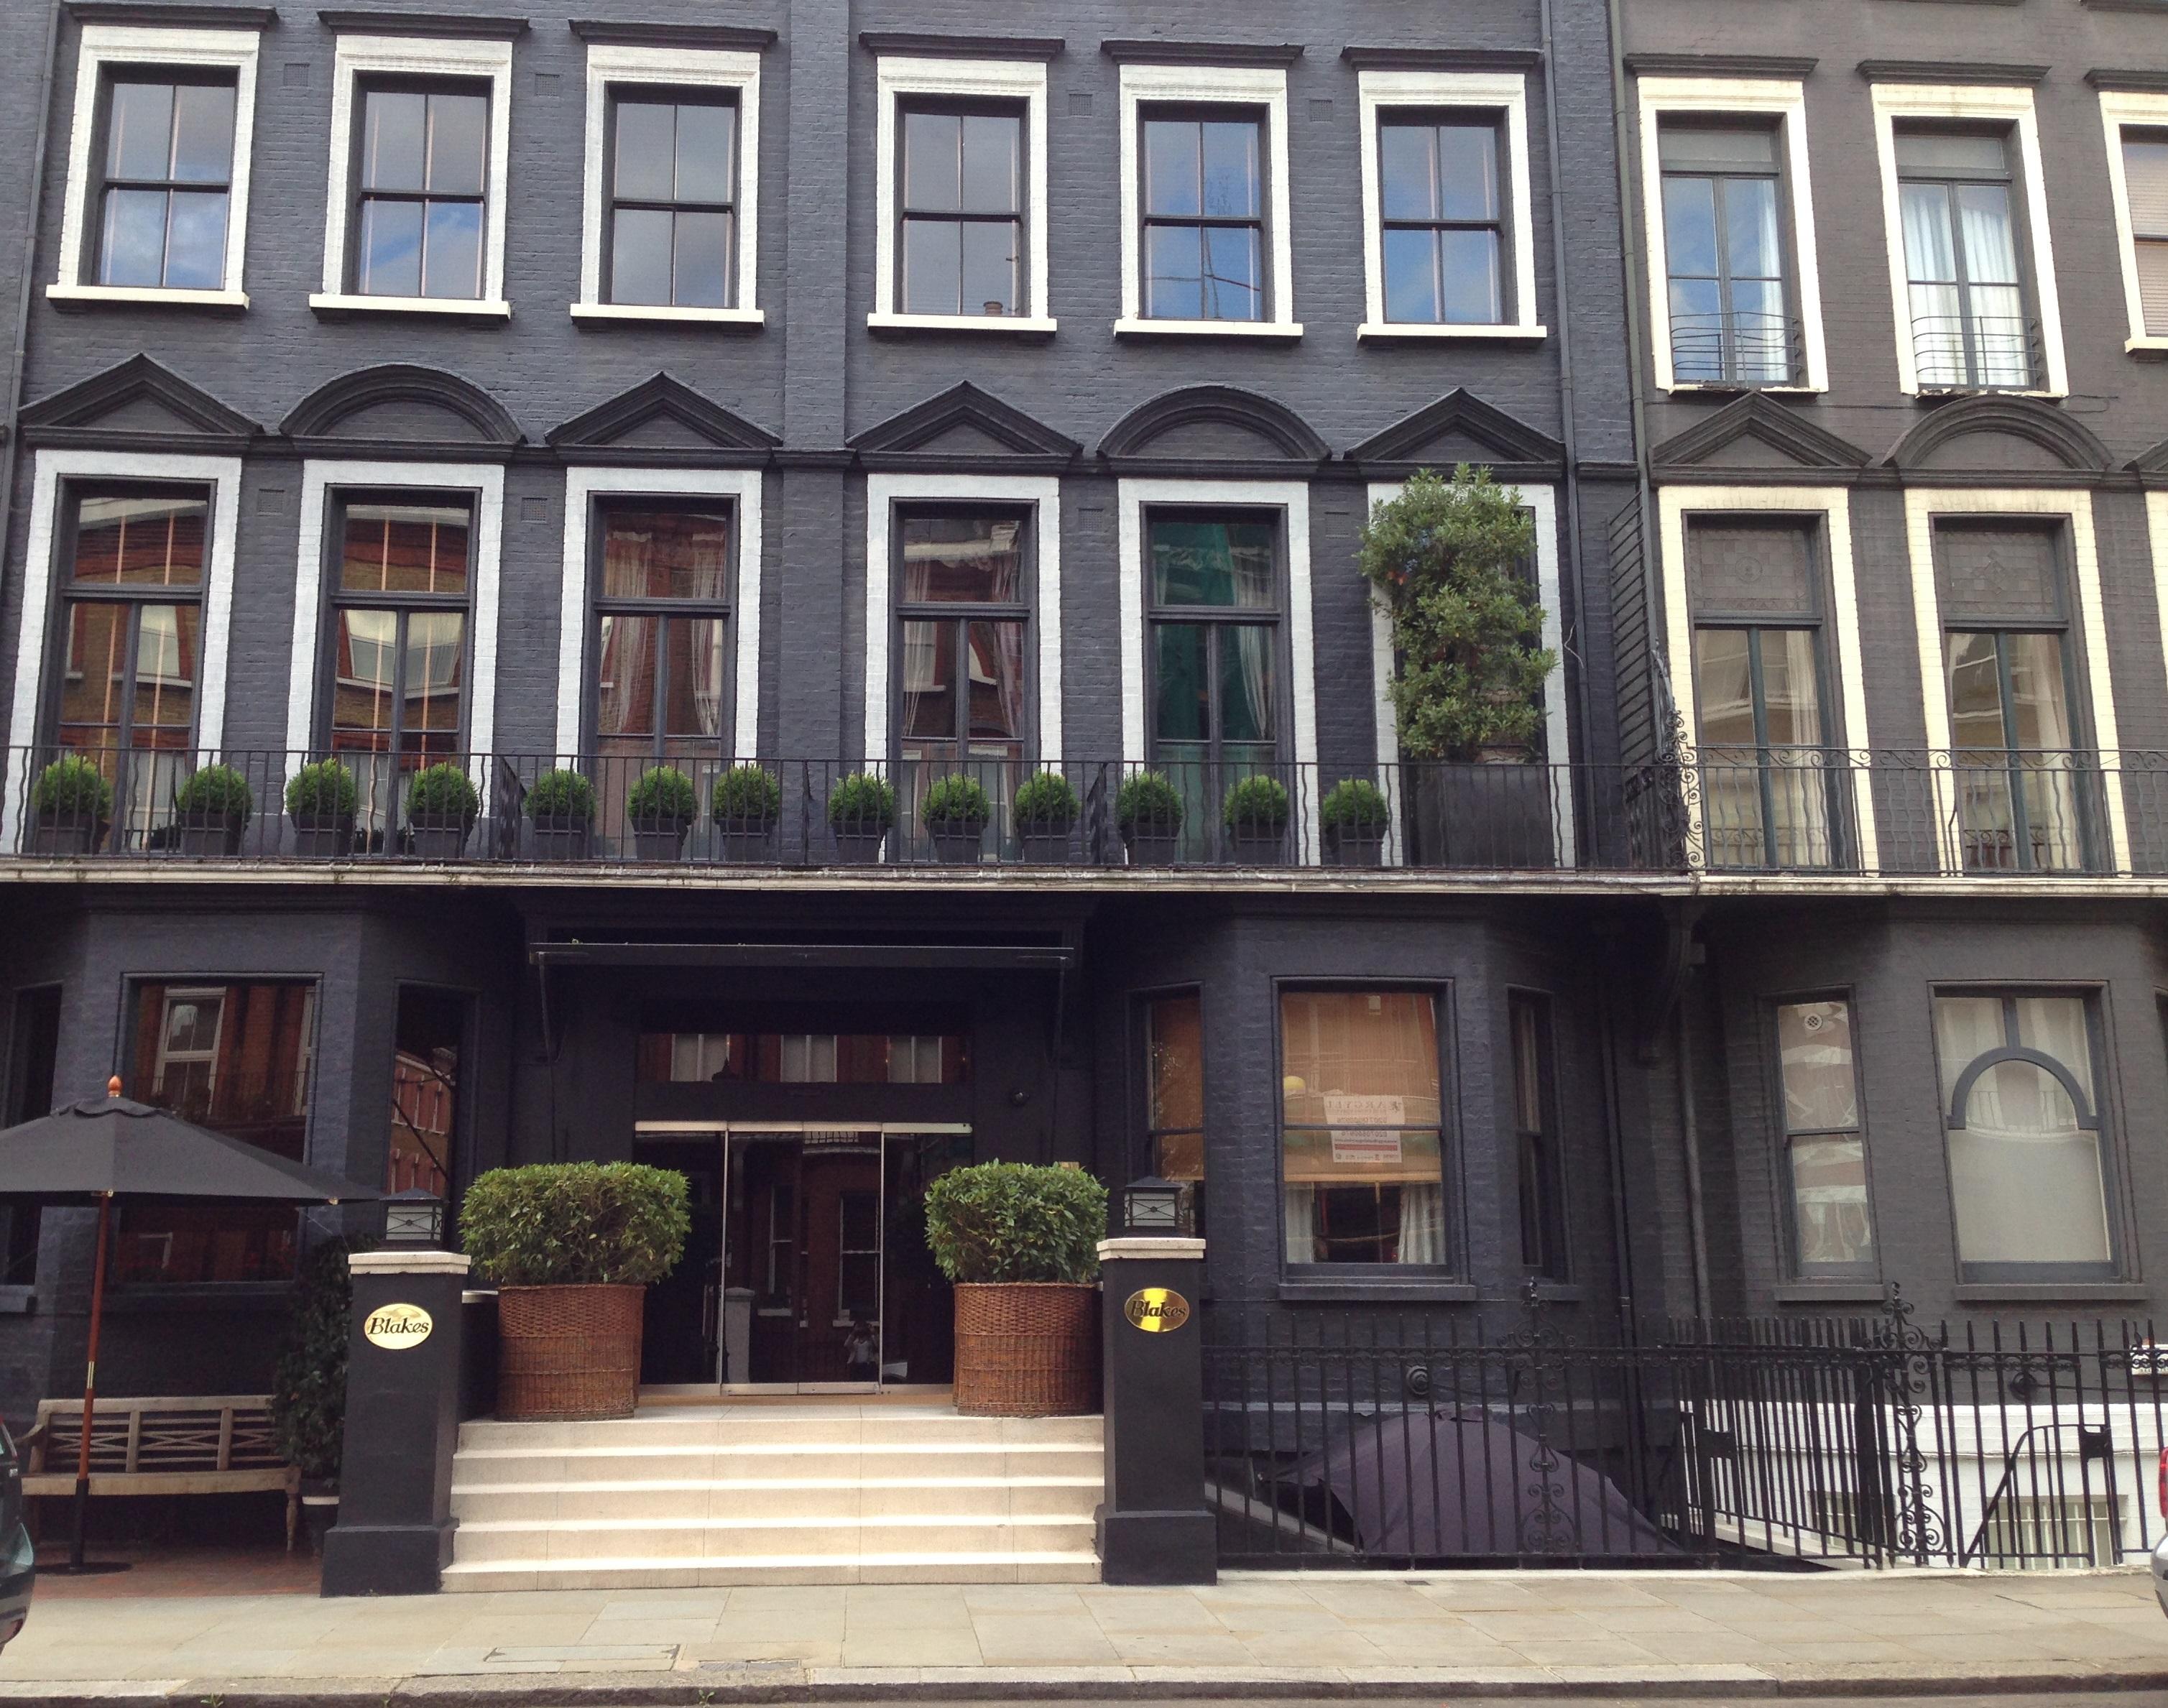 33 Boutique Hotel Boutique Hotels London Benbie